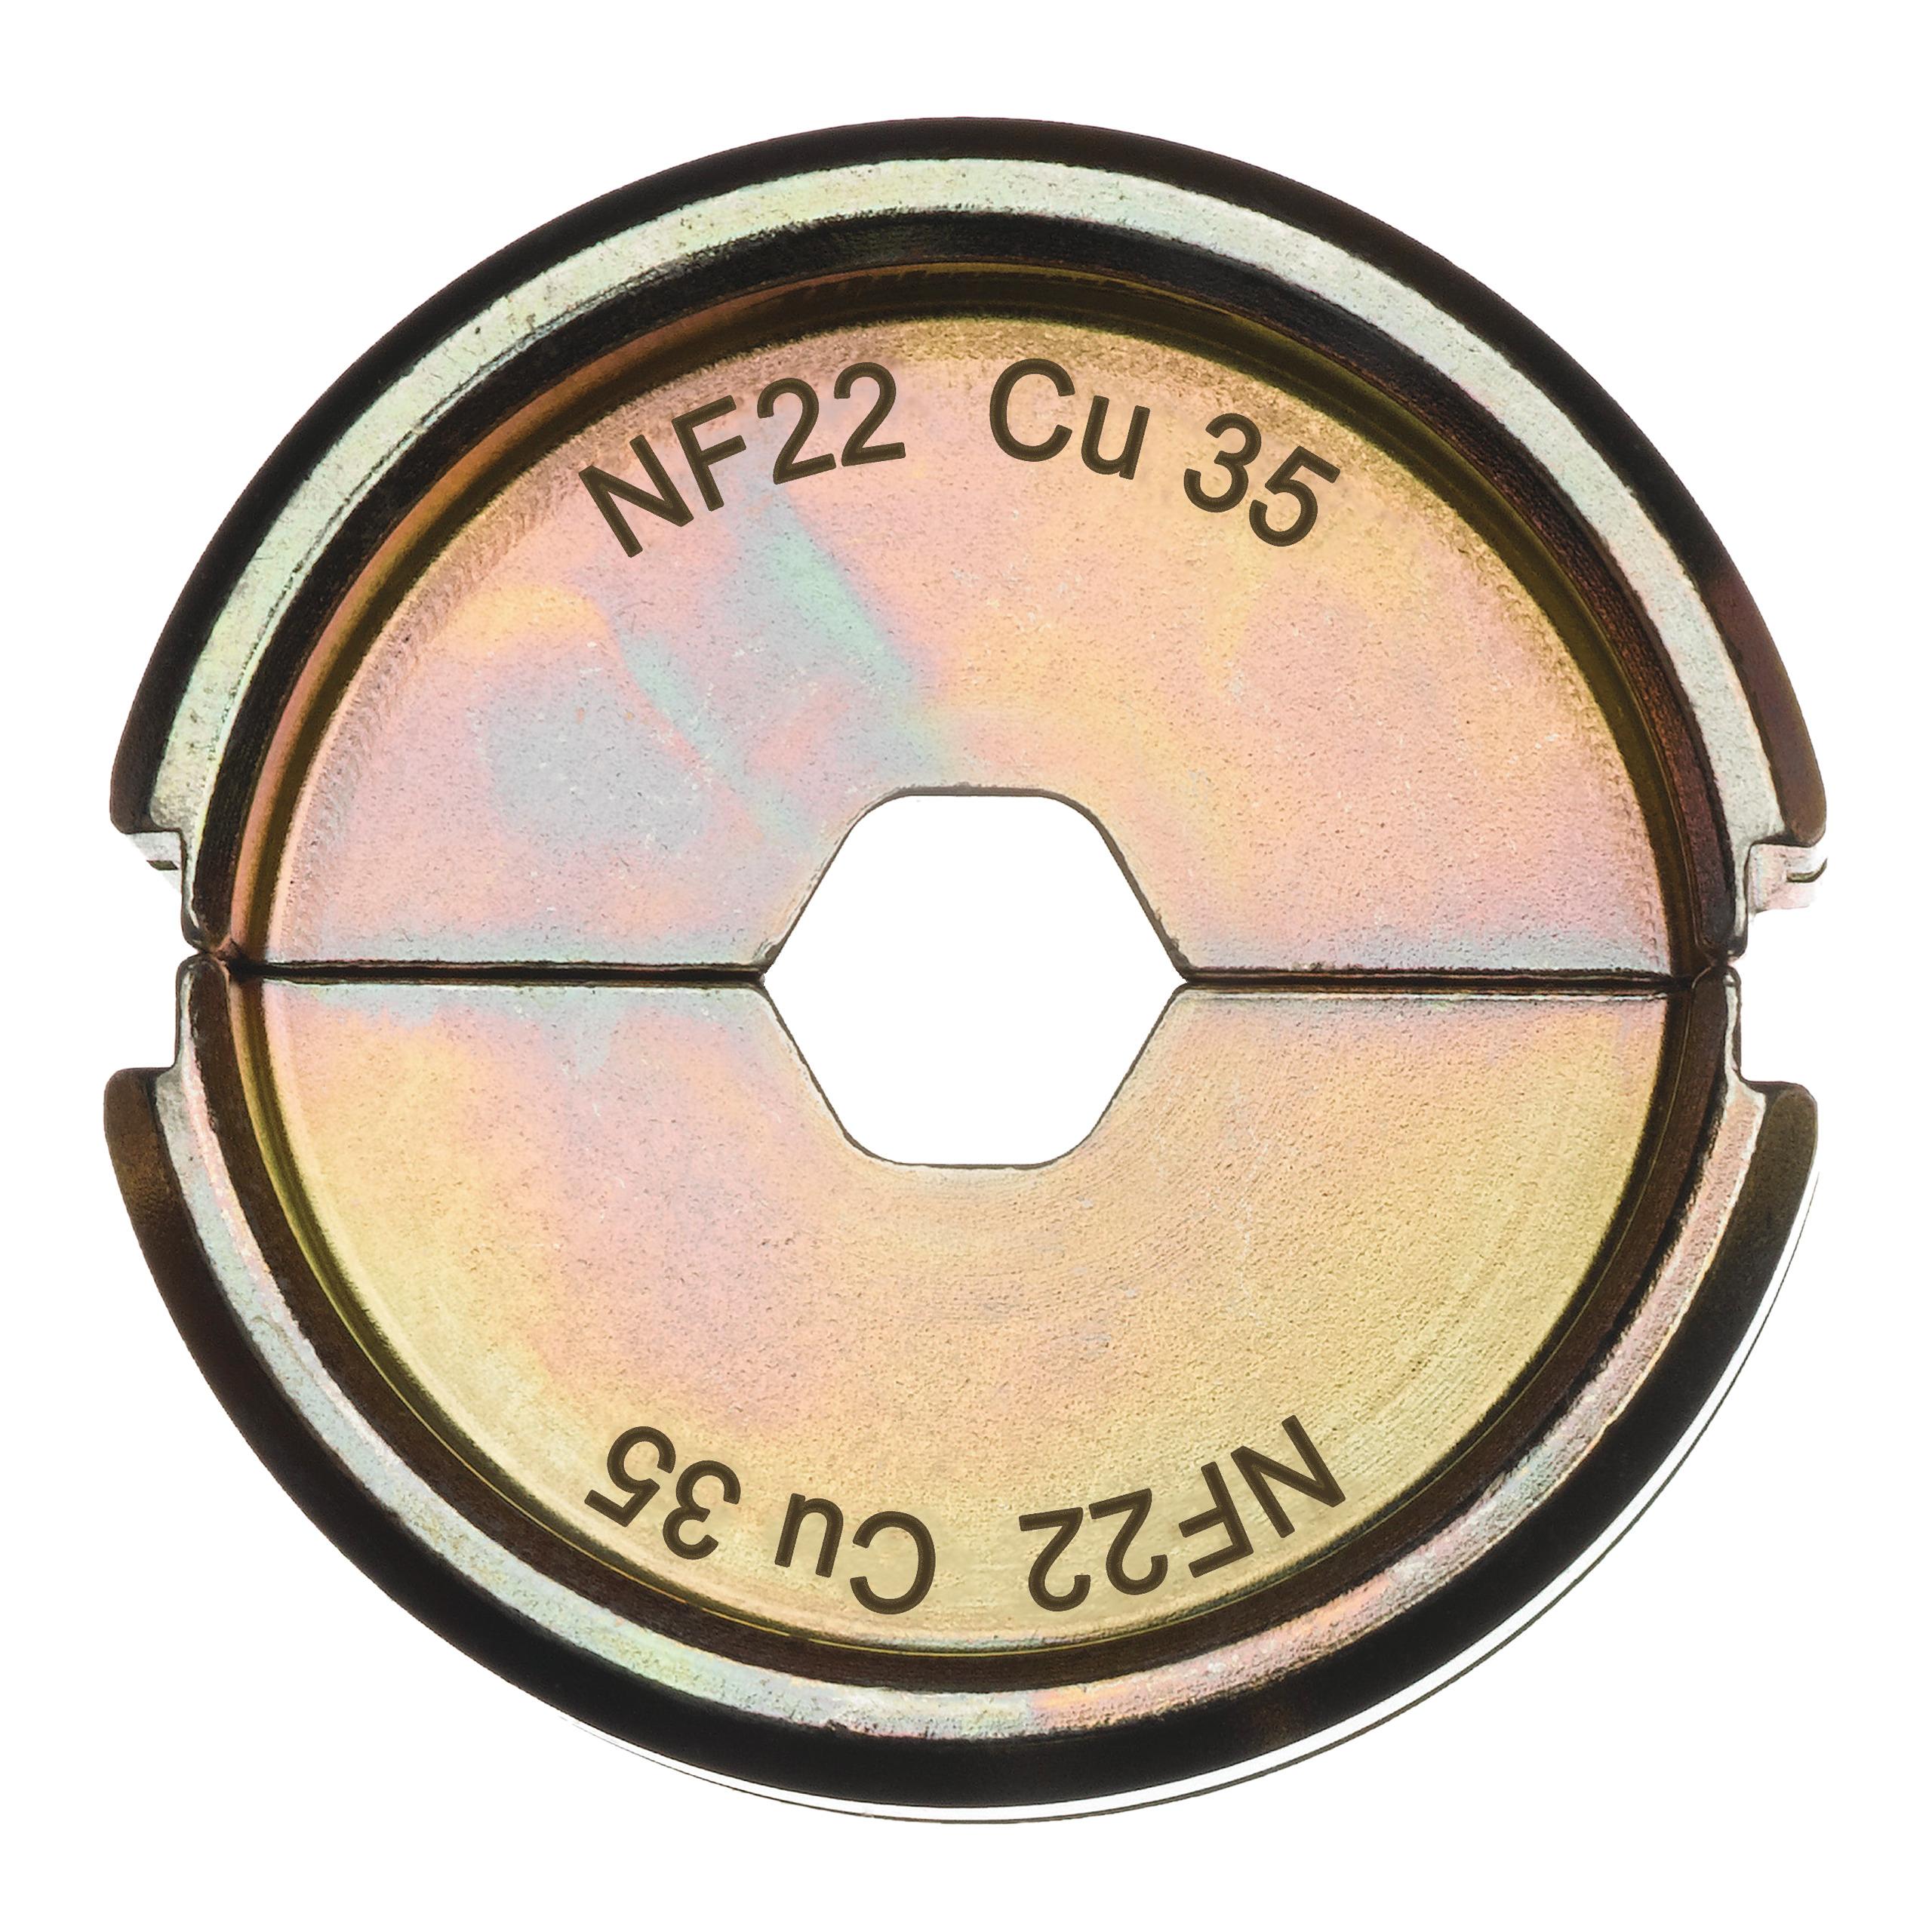 Krimpovací čelisti  NF22 Cu 35